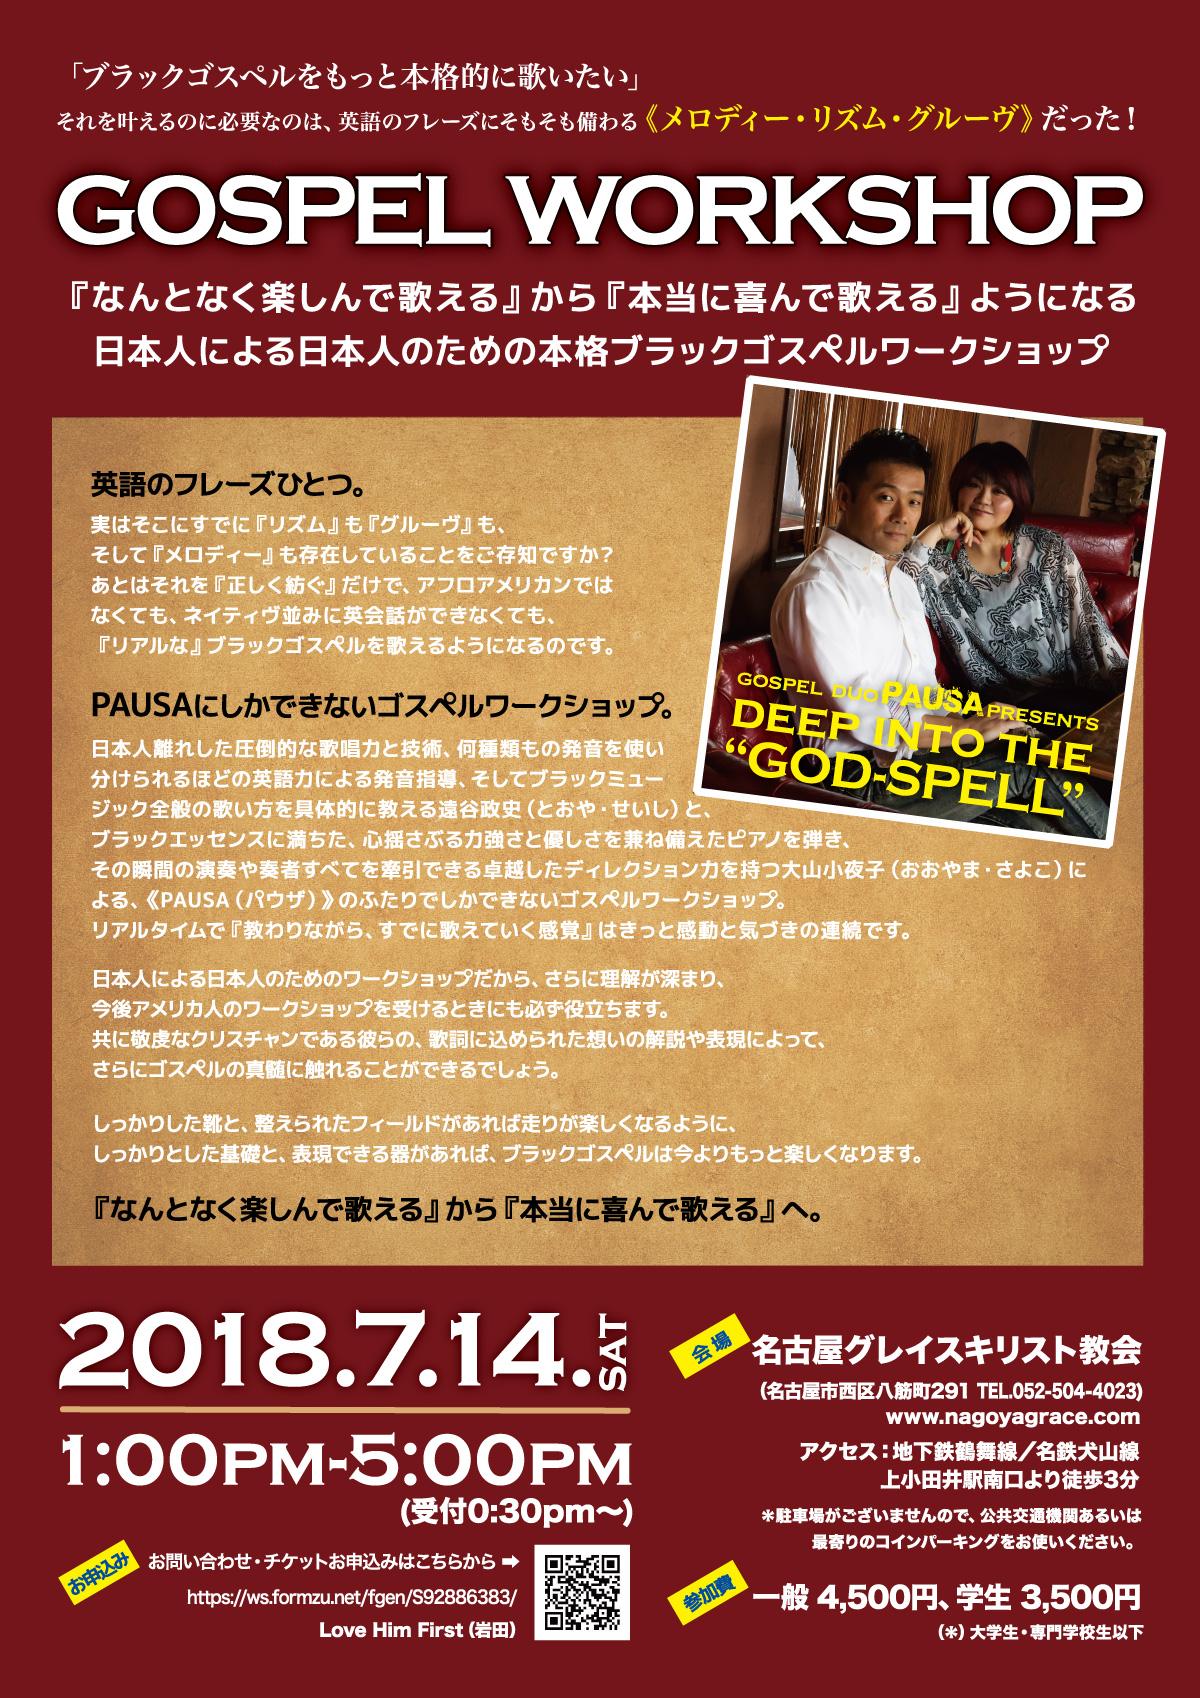 【終了】[2018.7.14 SAT] PAUSA ゴスペルワークショップ in 名古屋